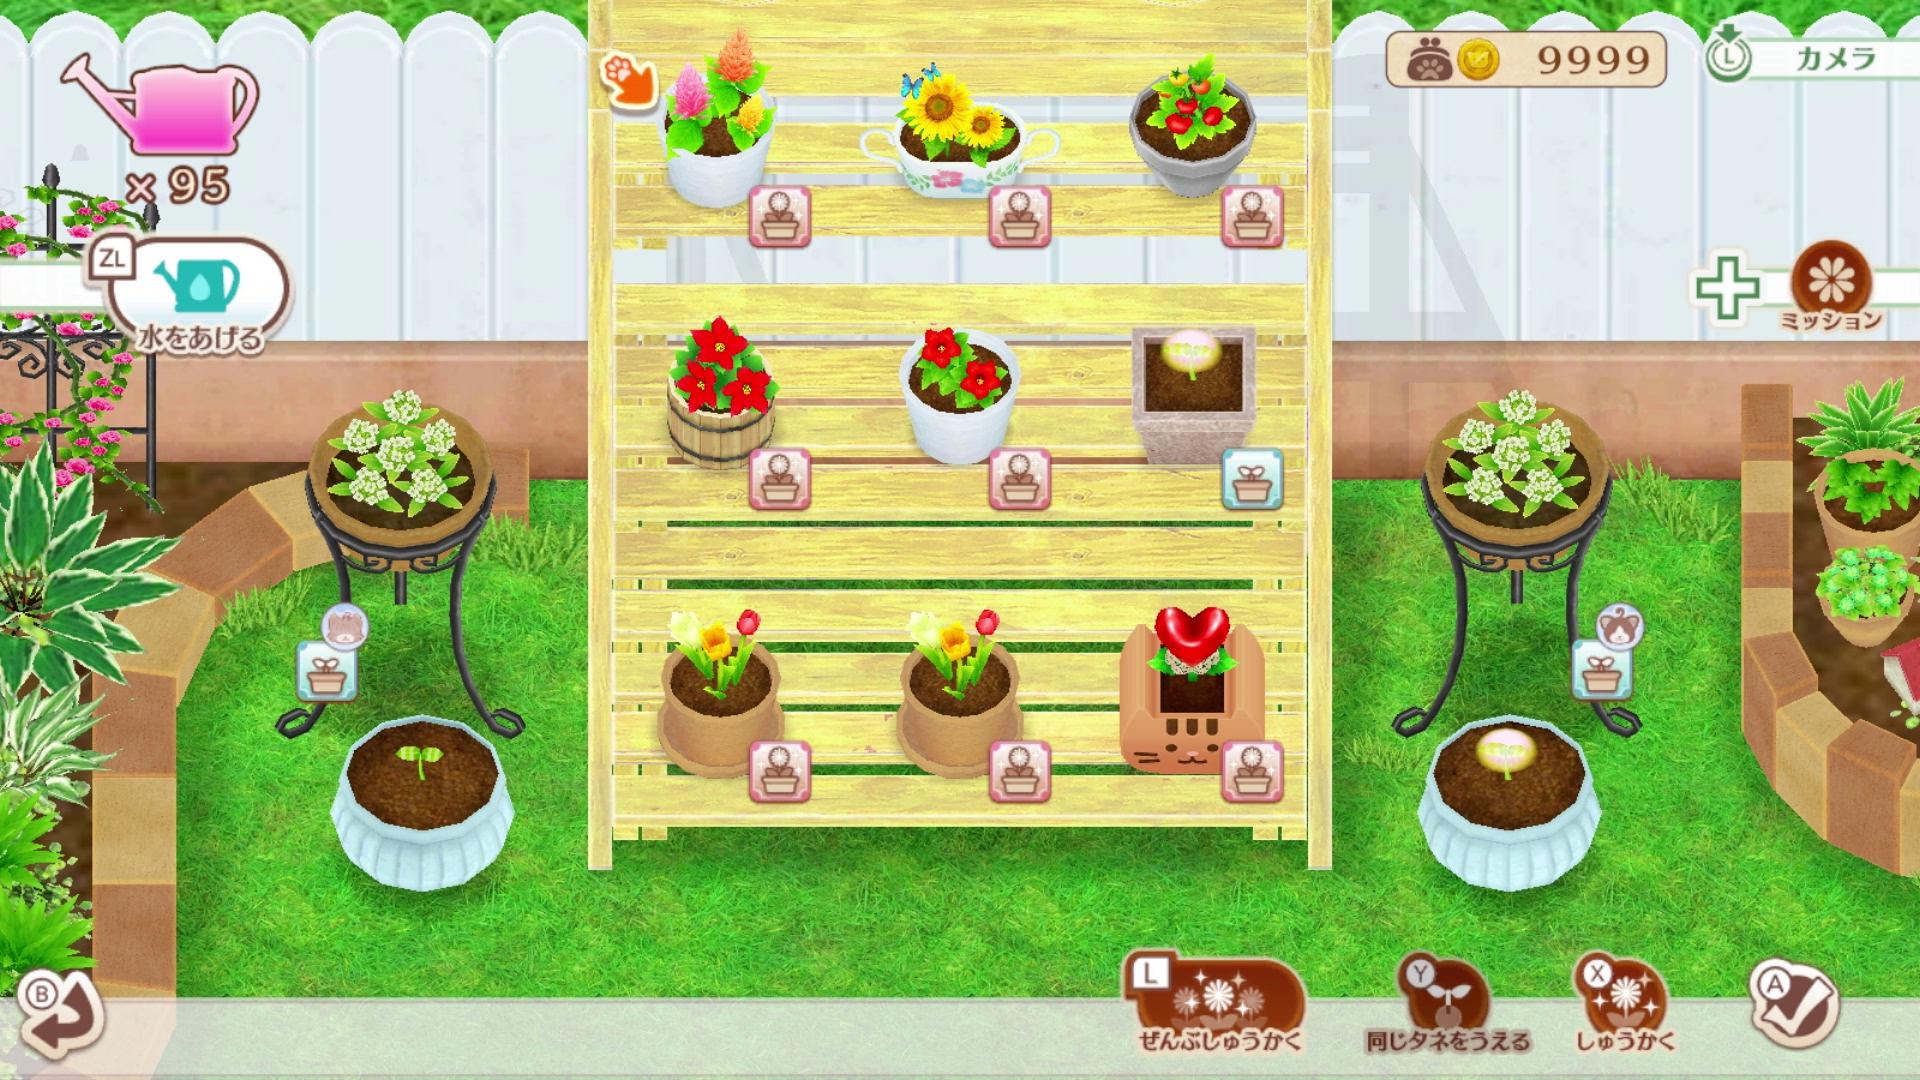 植物をまとめて収穫できる機能も追加